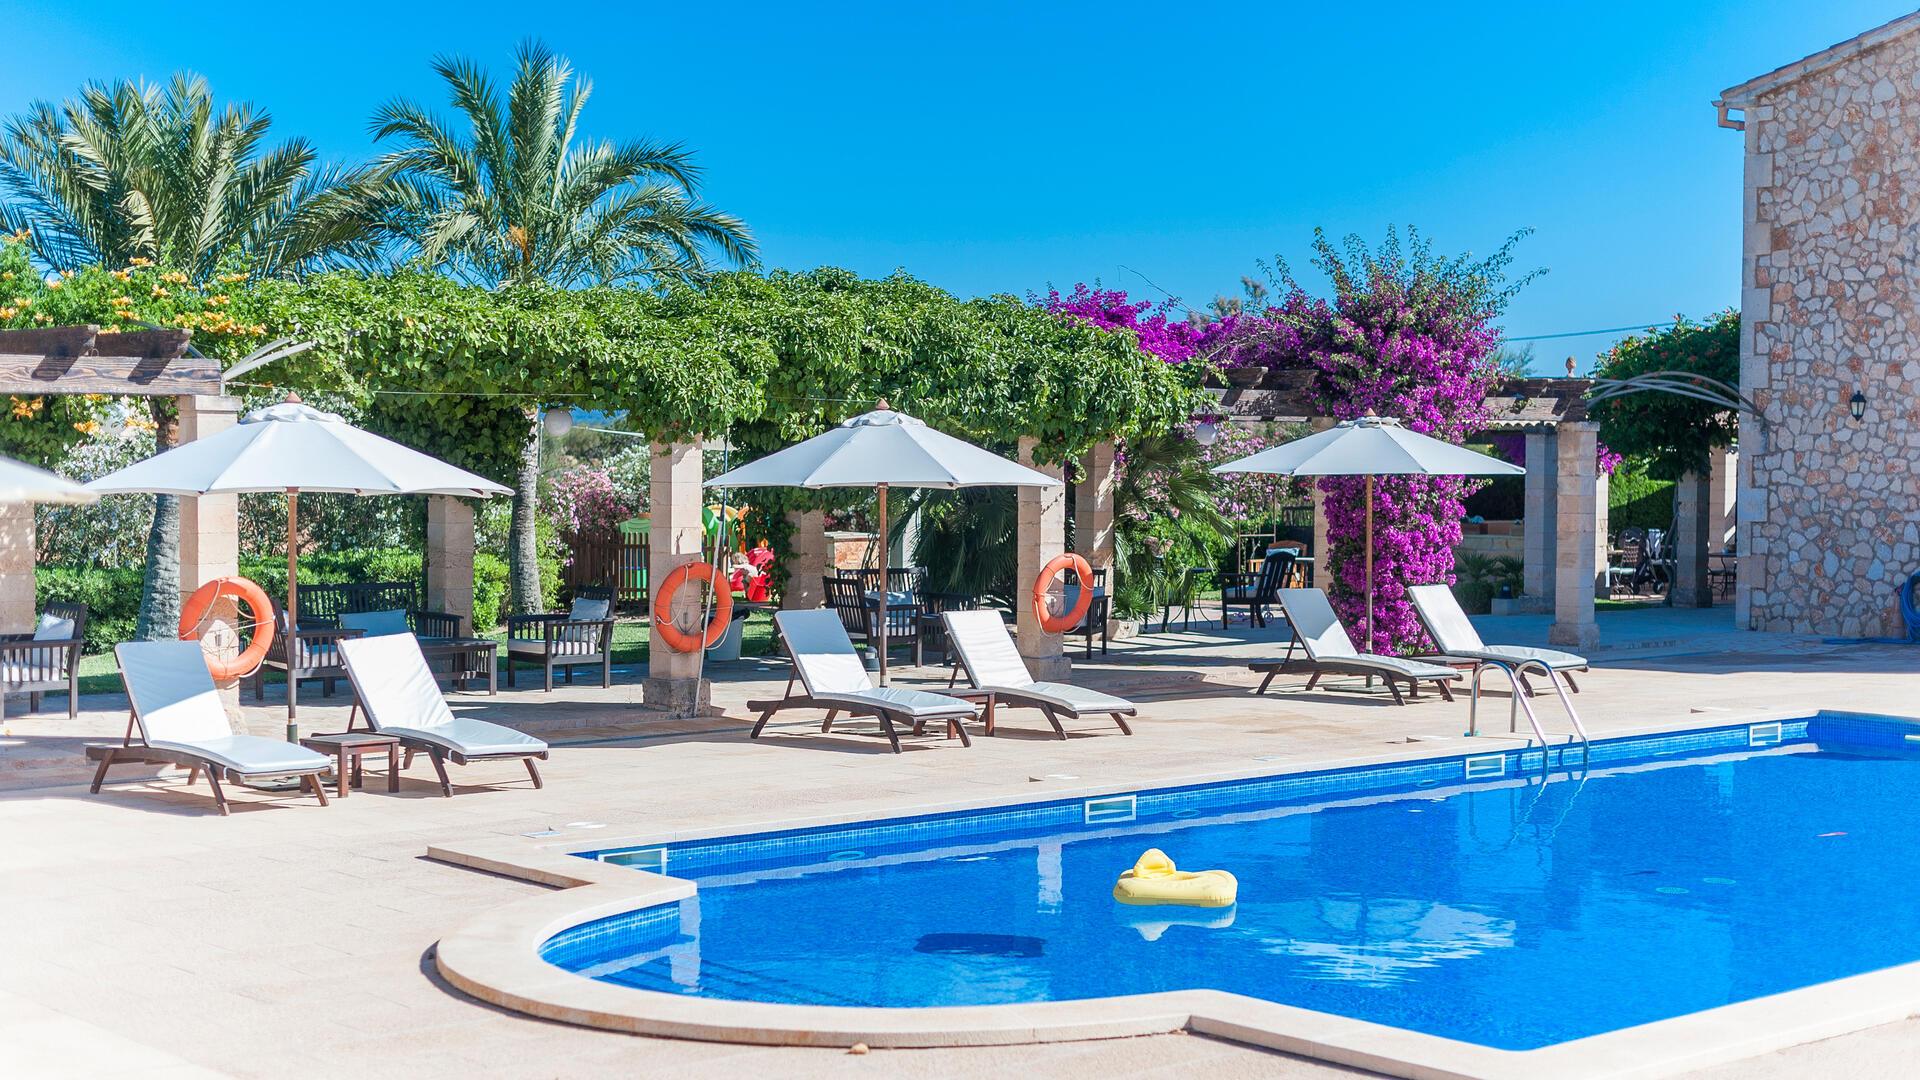 Hotel Migjorn, small family-friendly hotel in Mallorca